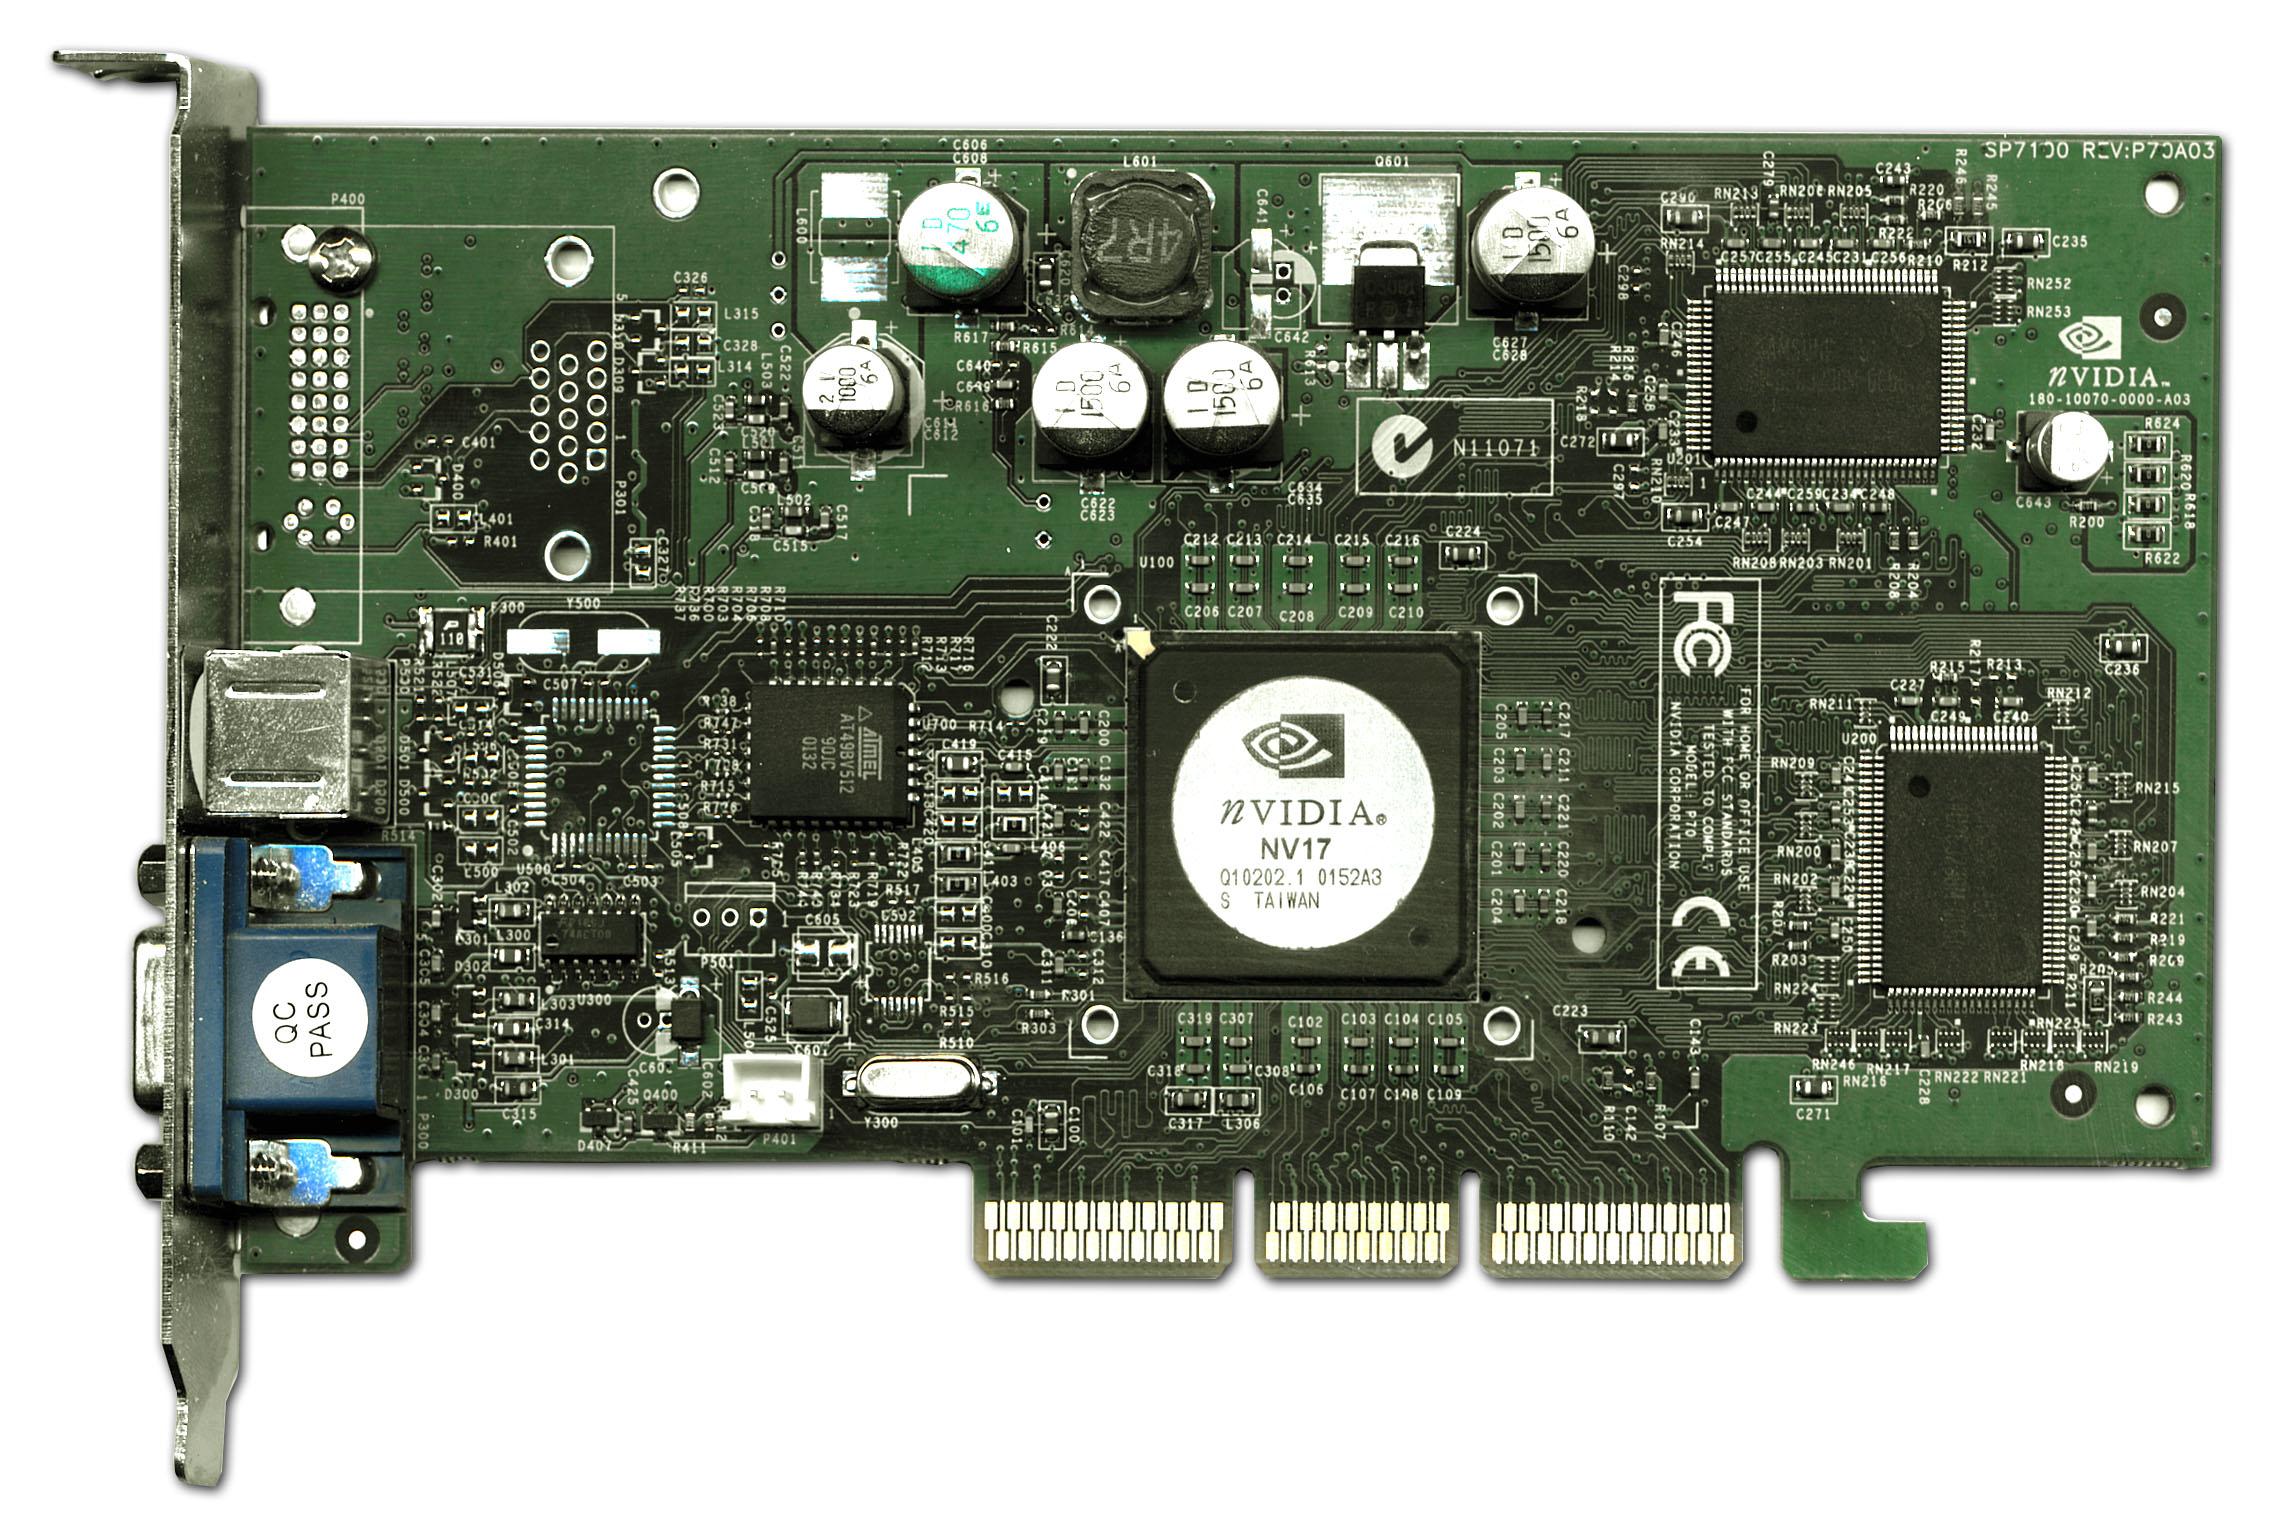 Nvidia geforce4 mx 4000 драйвер скачать xp